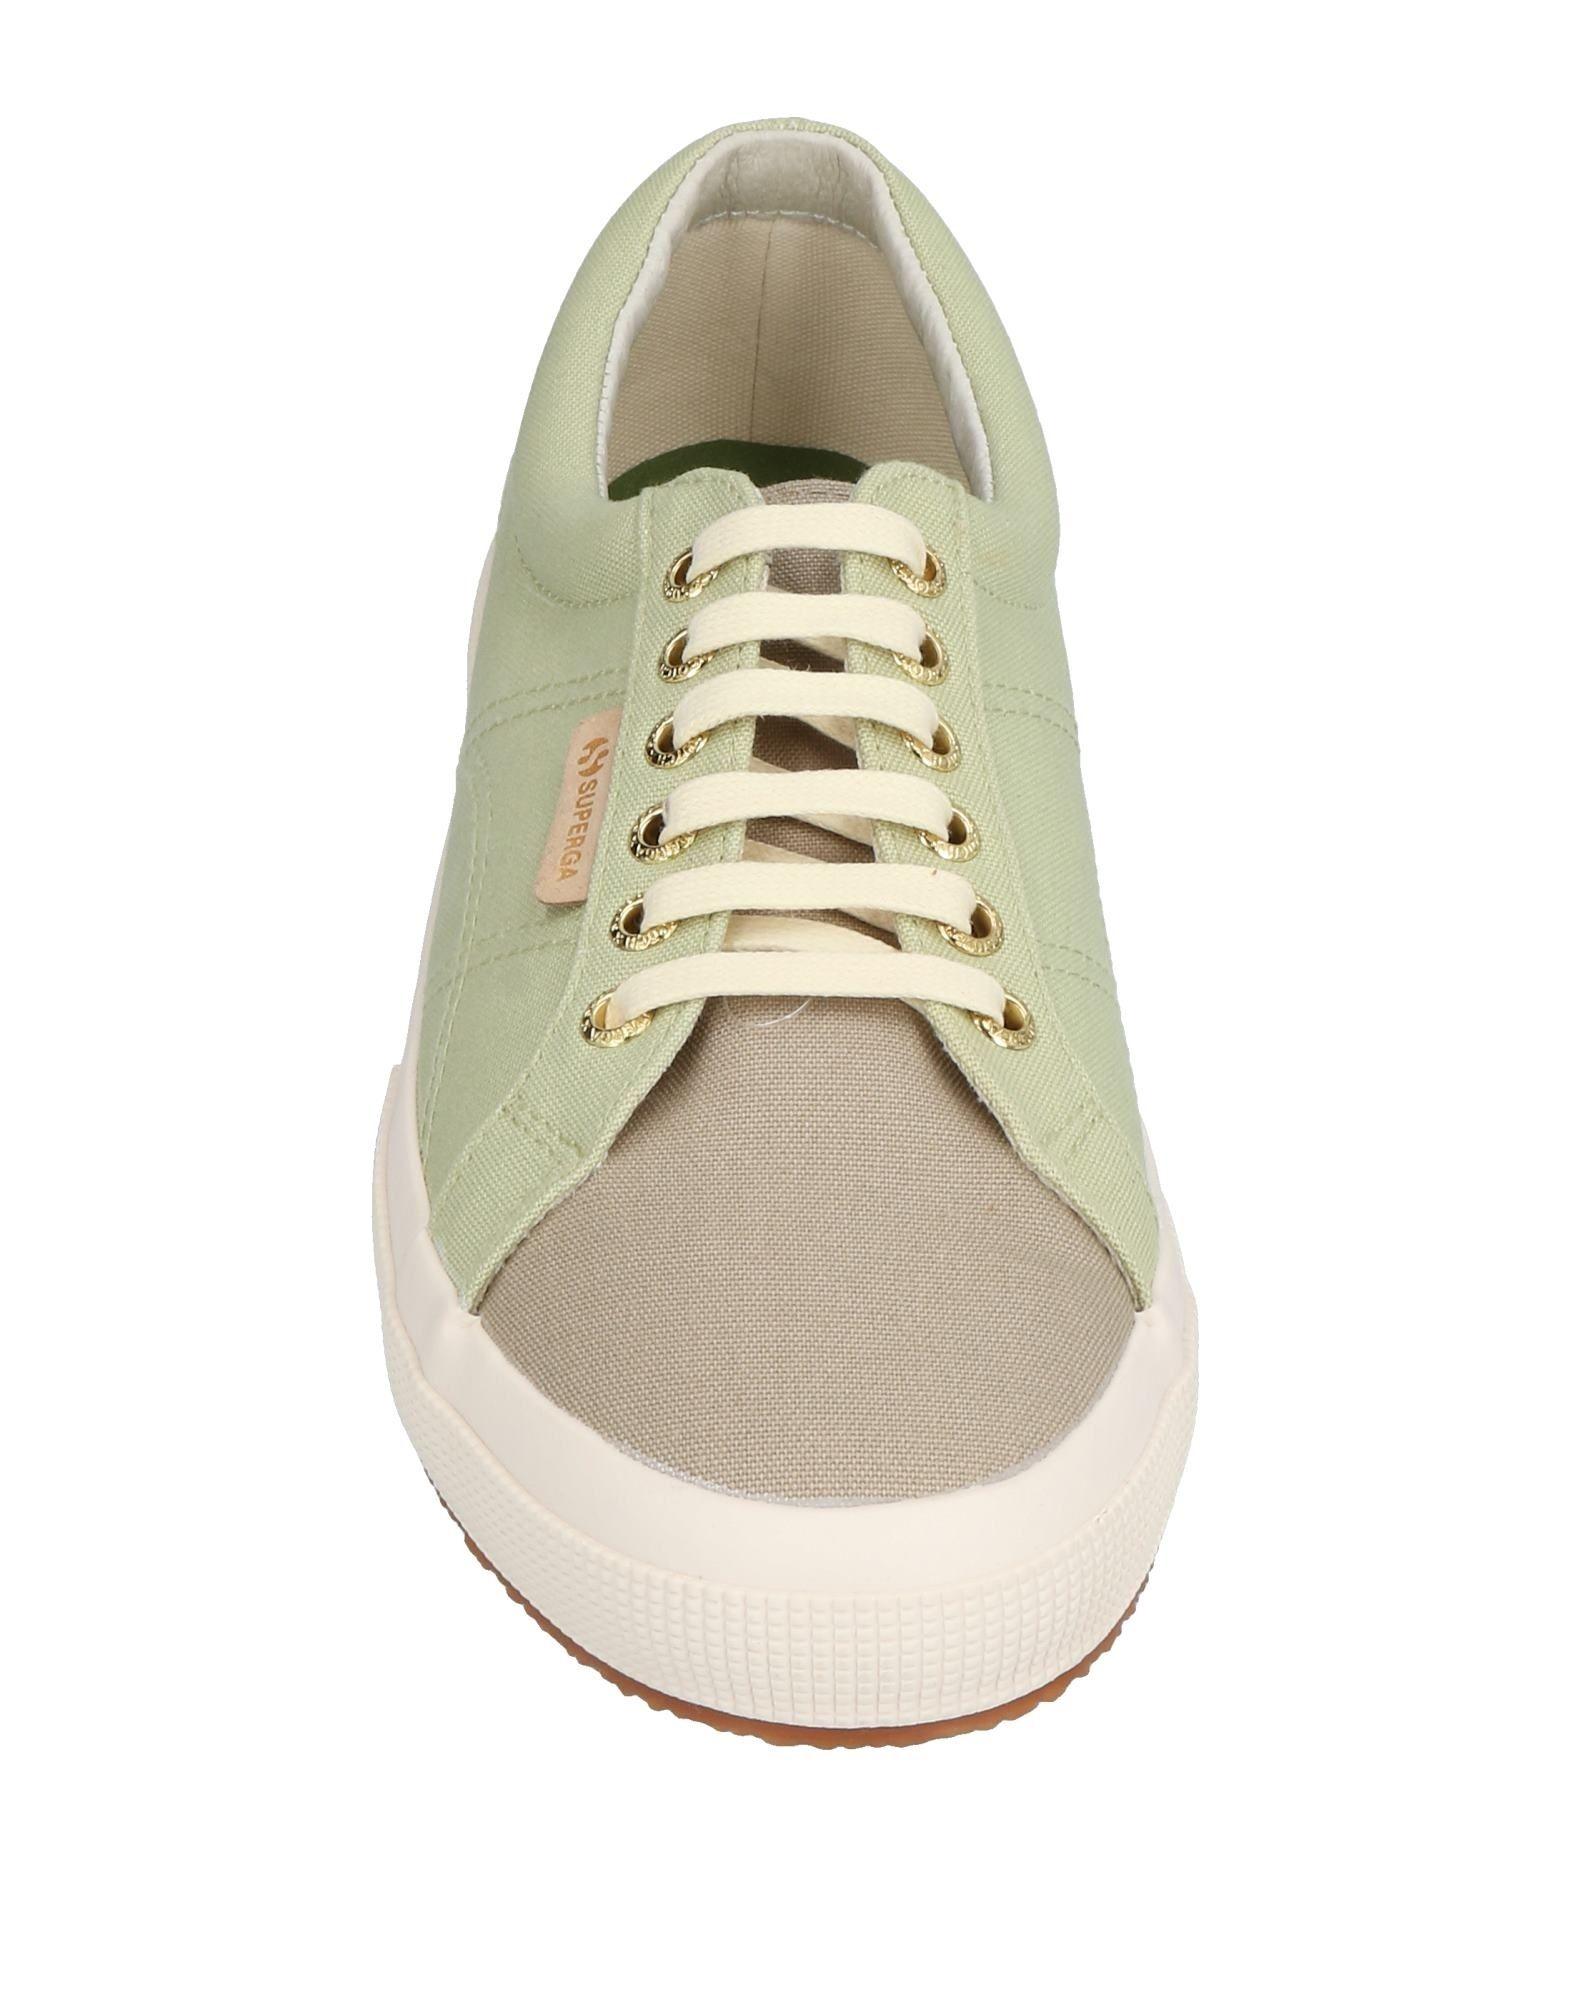 Rabatt echte Schuhe Superga® Sneakers Per Scotch & Soda Sneakers Superga® Herren  11485790FG 2bf642